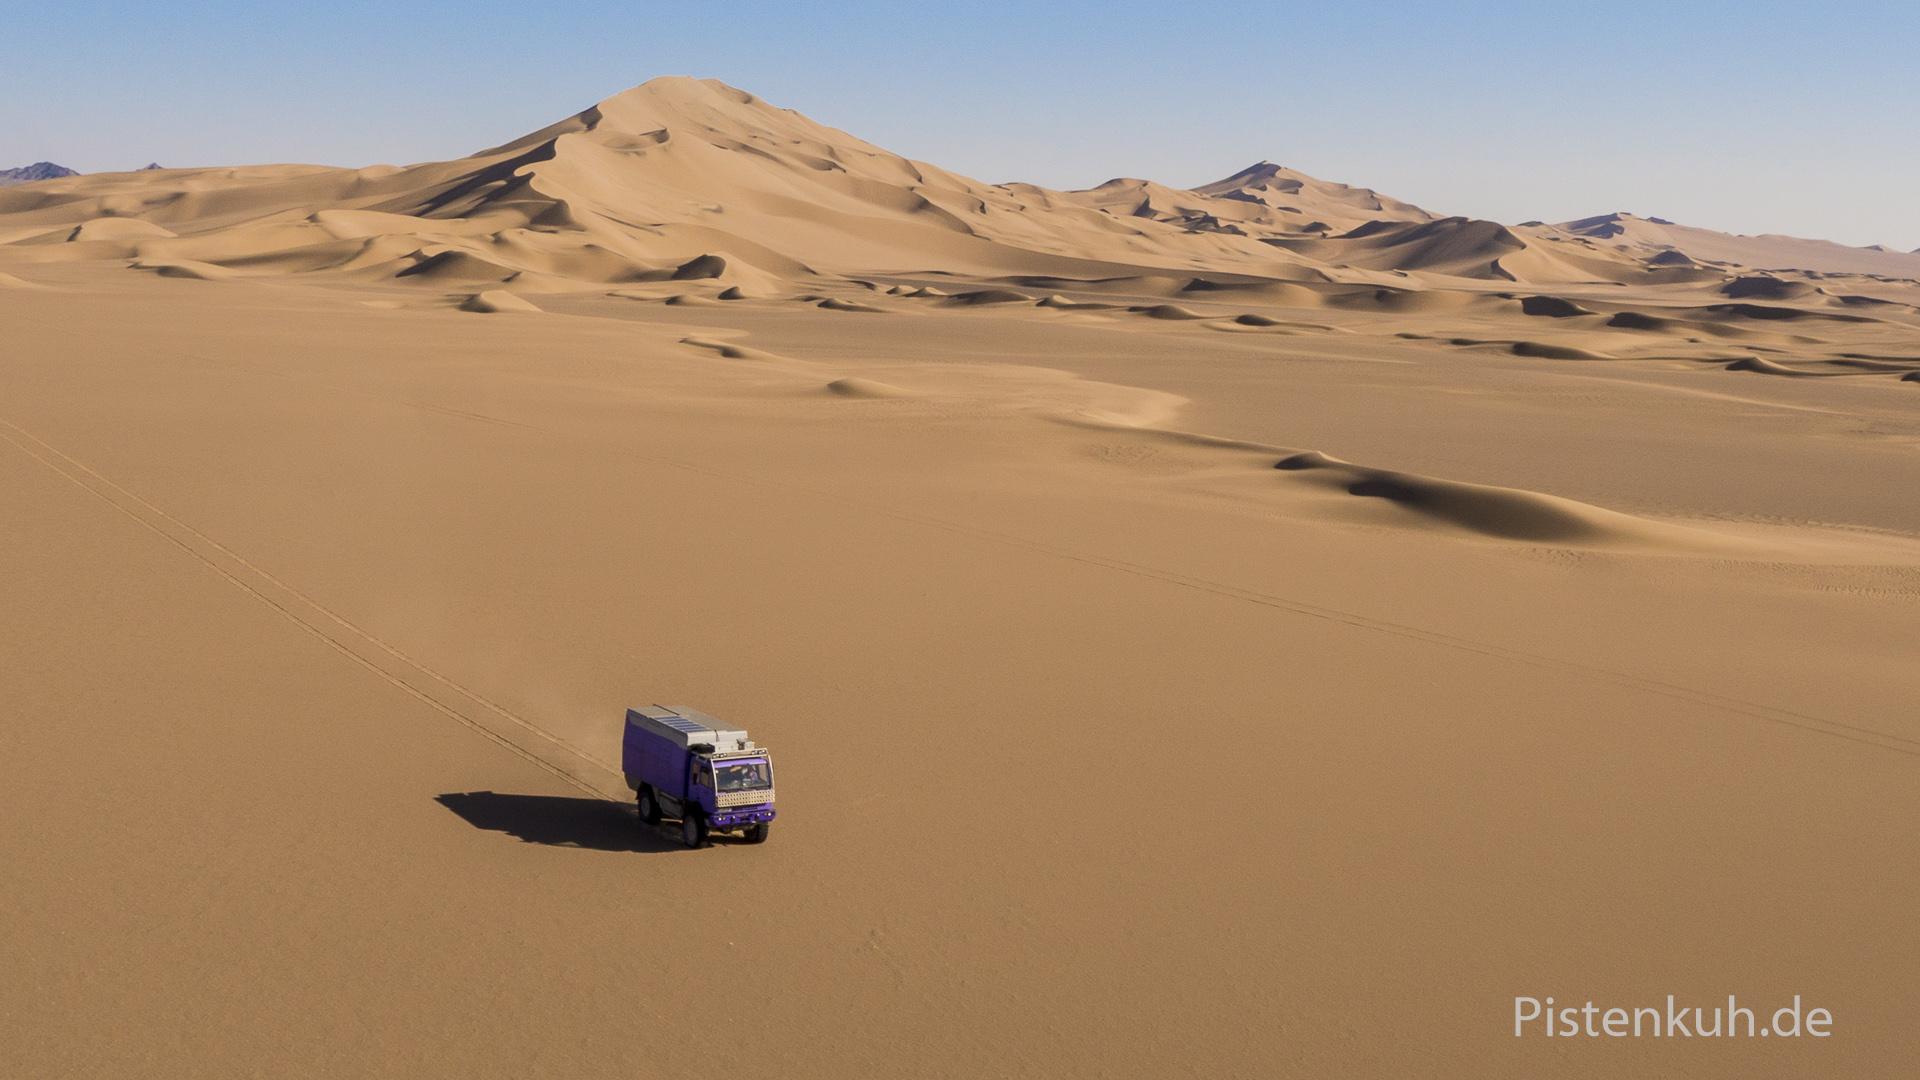 Sanddünen in der Wüste Lut